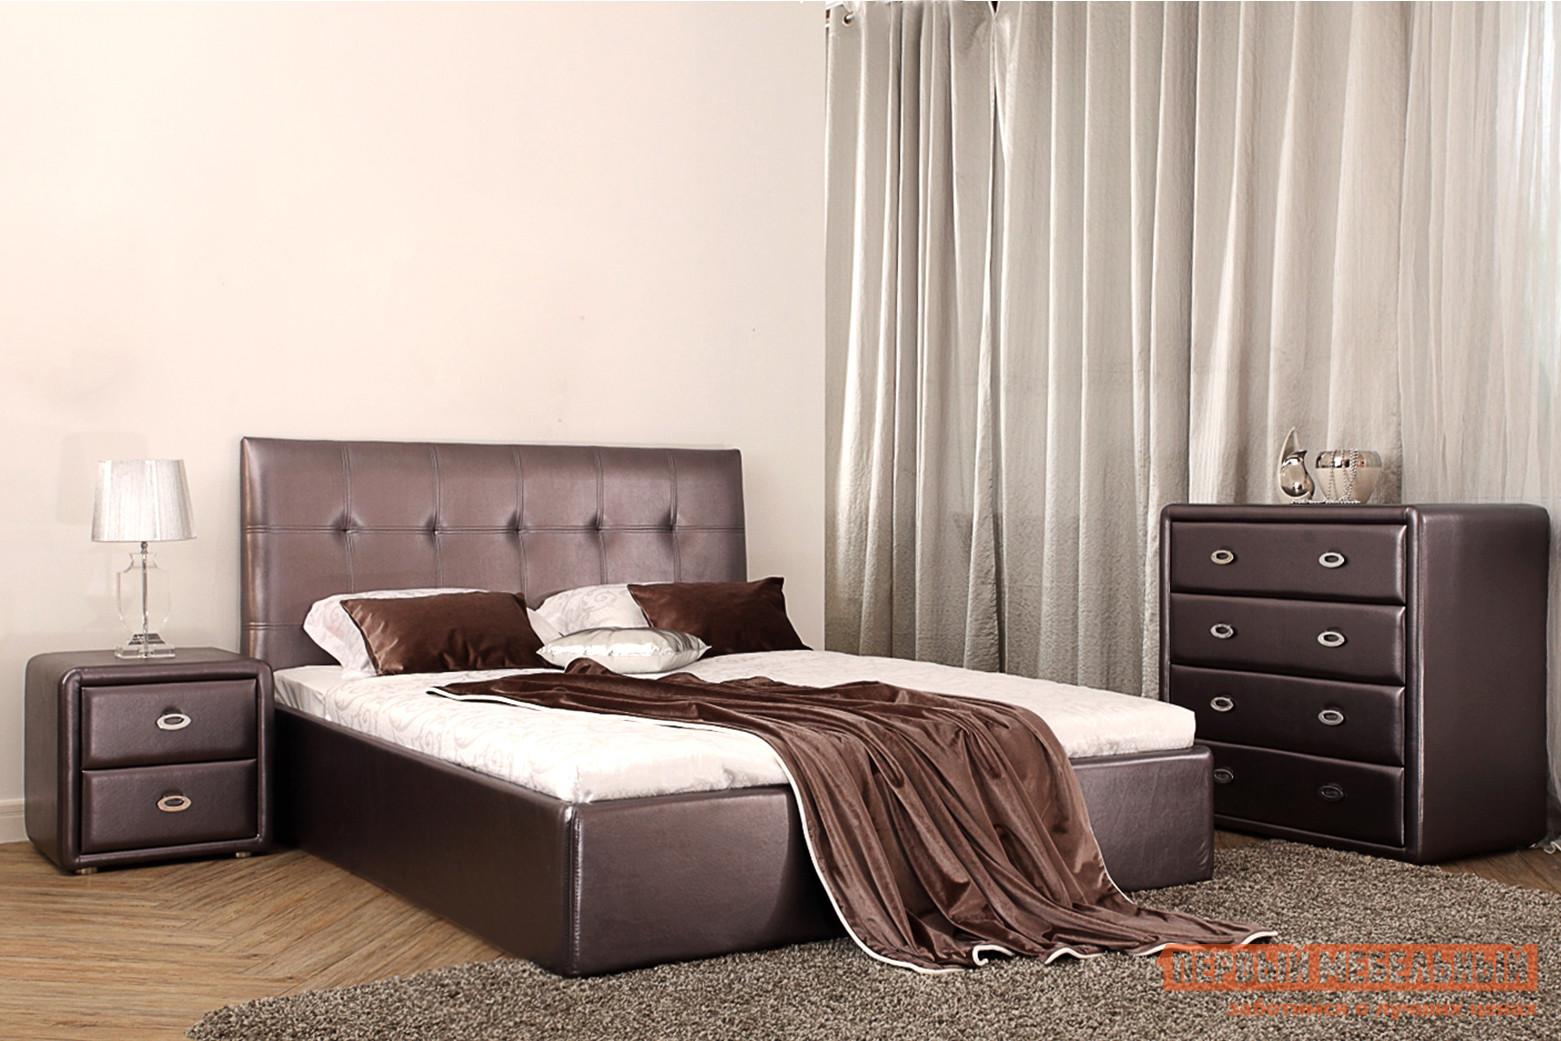 Двуспальная кровать Первый Мебельный Кровать Айова 140х200, 160х200, 180х200 двуспальная кровать первый мебельный кровать мерлен 140х200 160х200 180х200